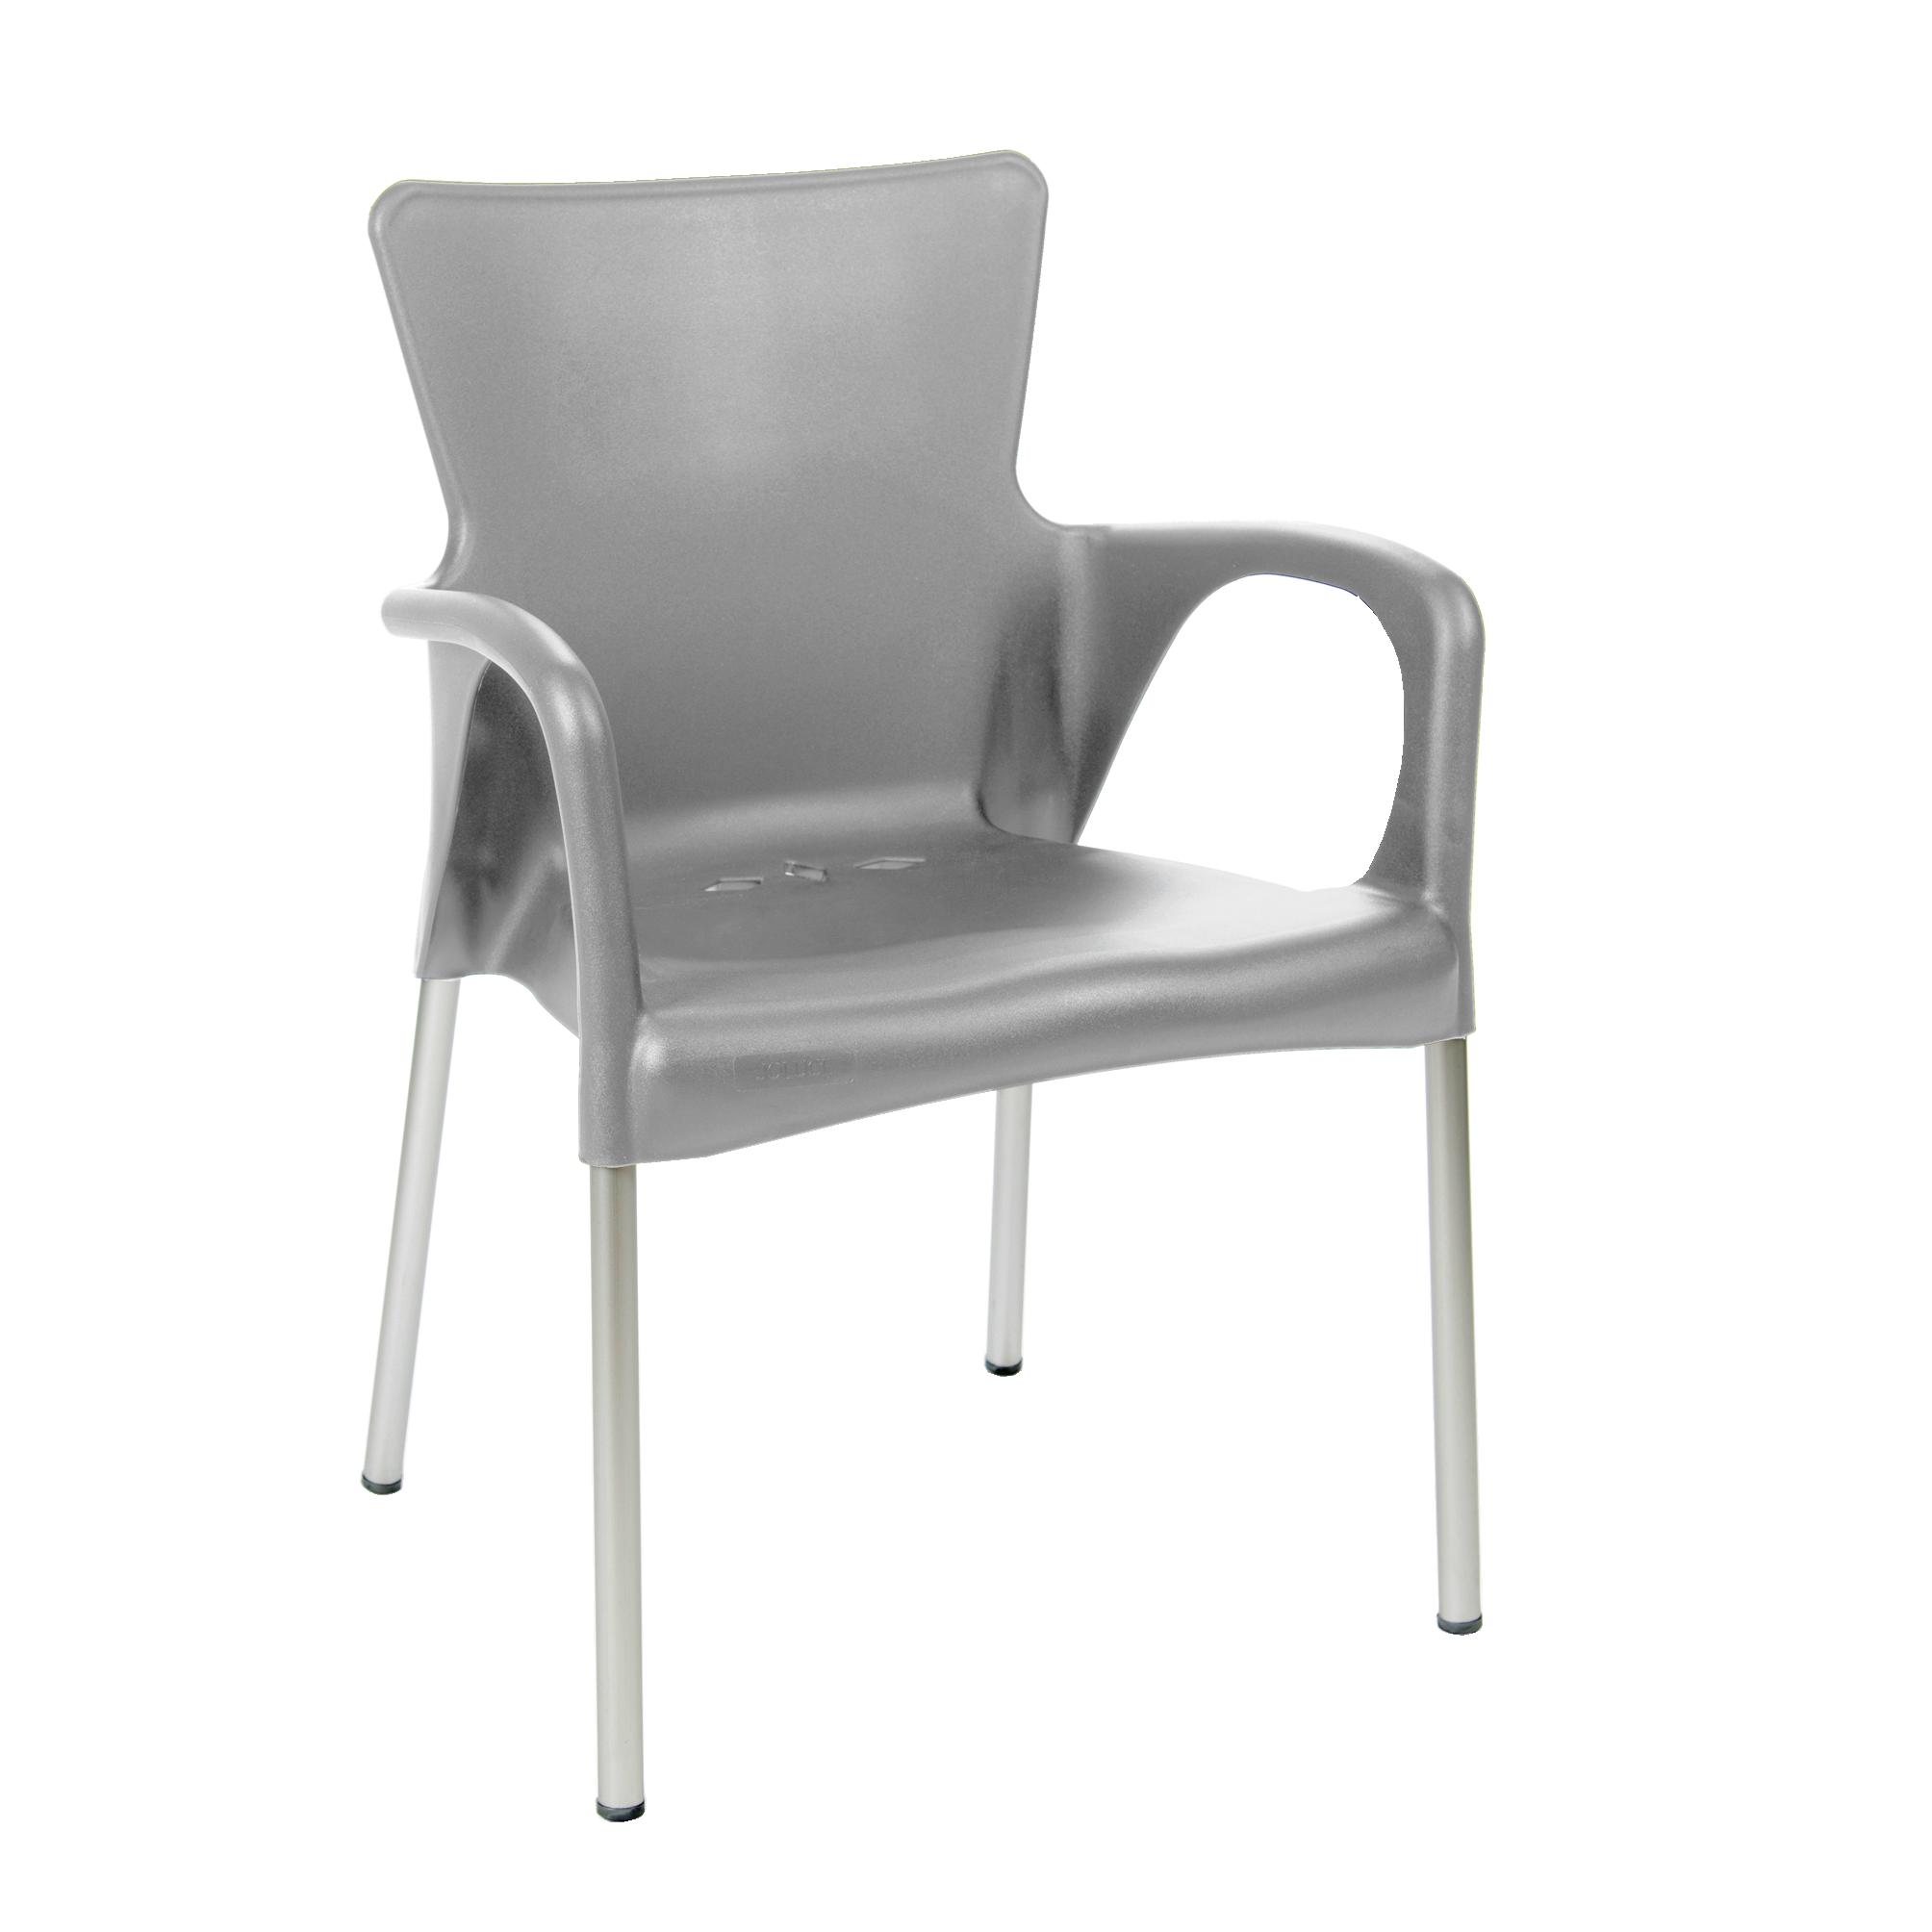 Kuipstoel fleur grijs berkelland verhuur - Grijs meubilair ...